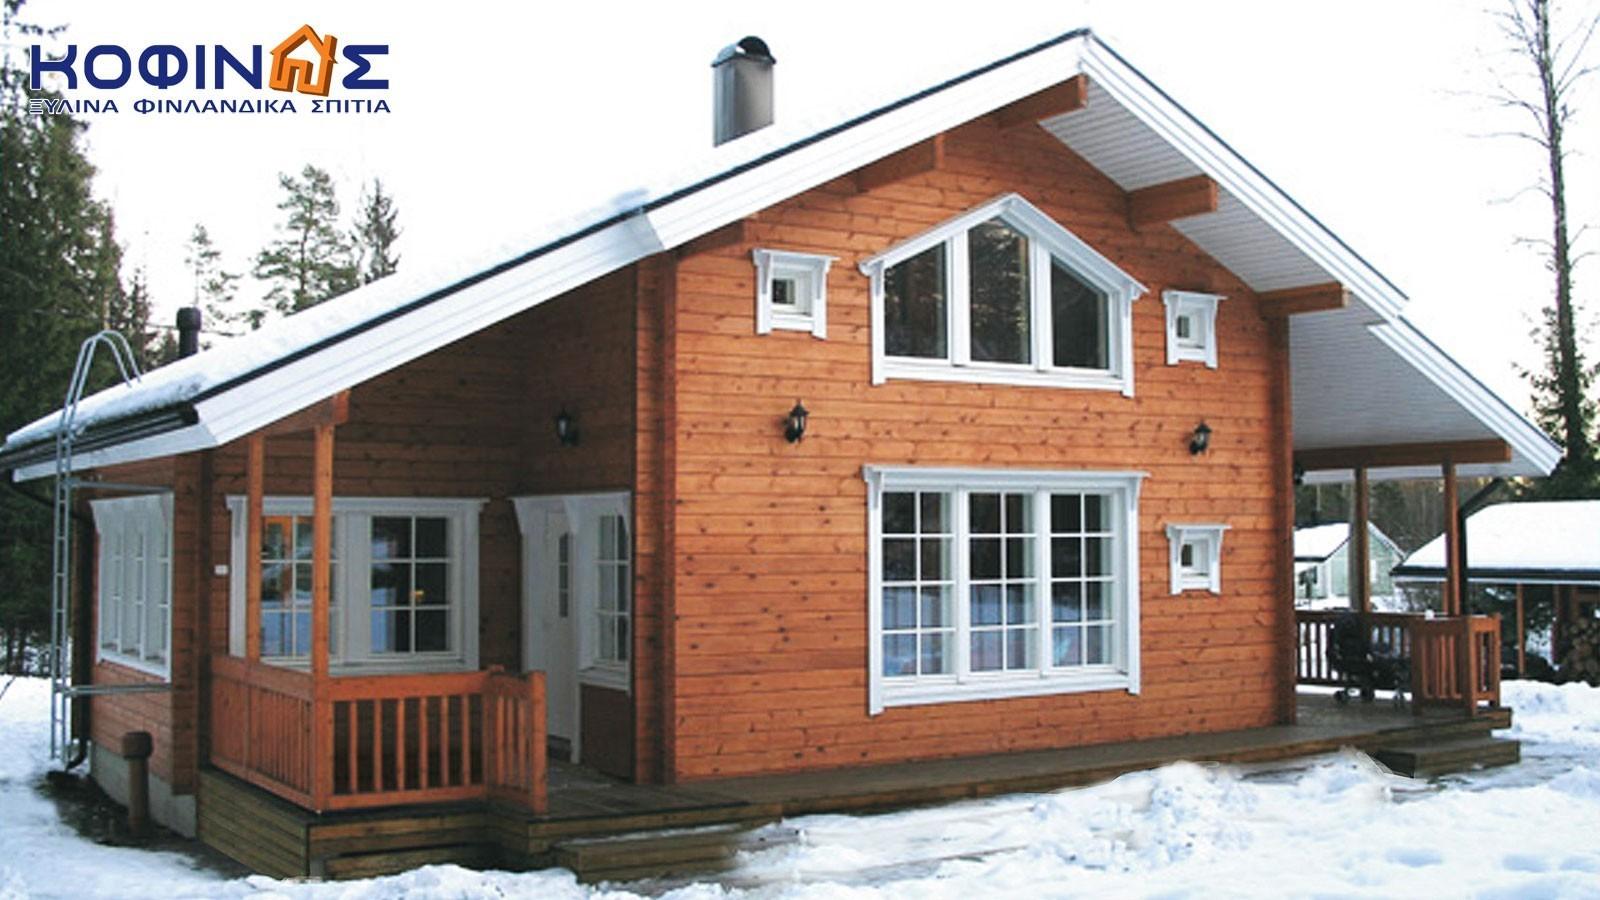 Διώροφη Ξύλινη Κατοικία XD-120, συνολικής επιφάνειας 120,80 τ.μ.